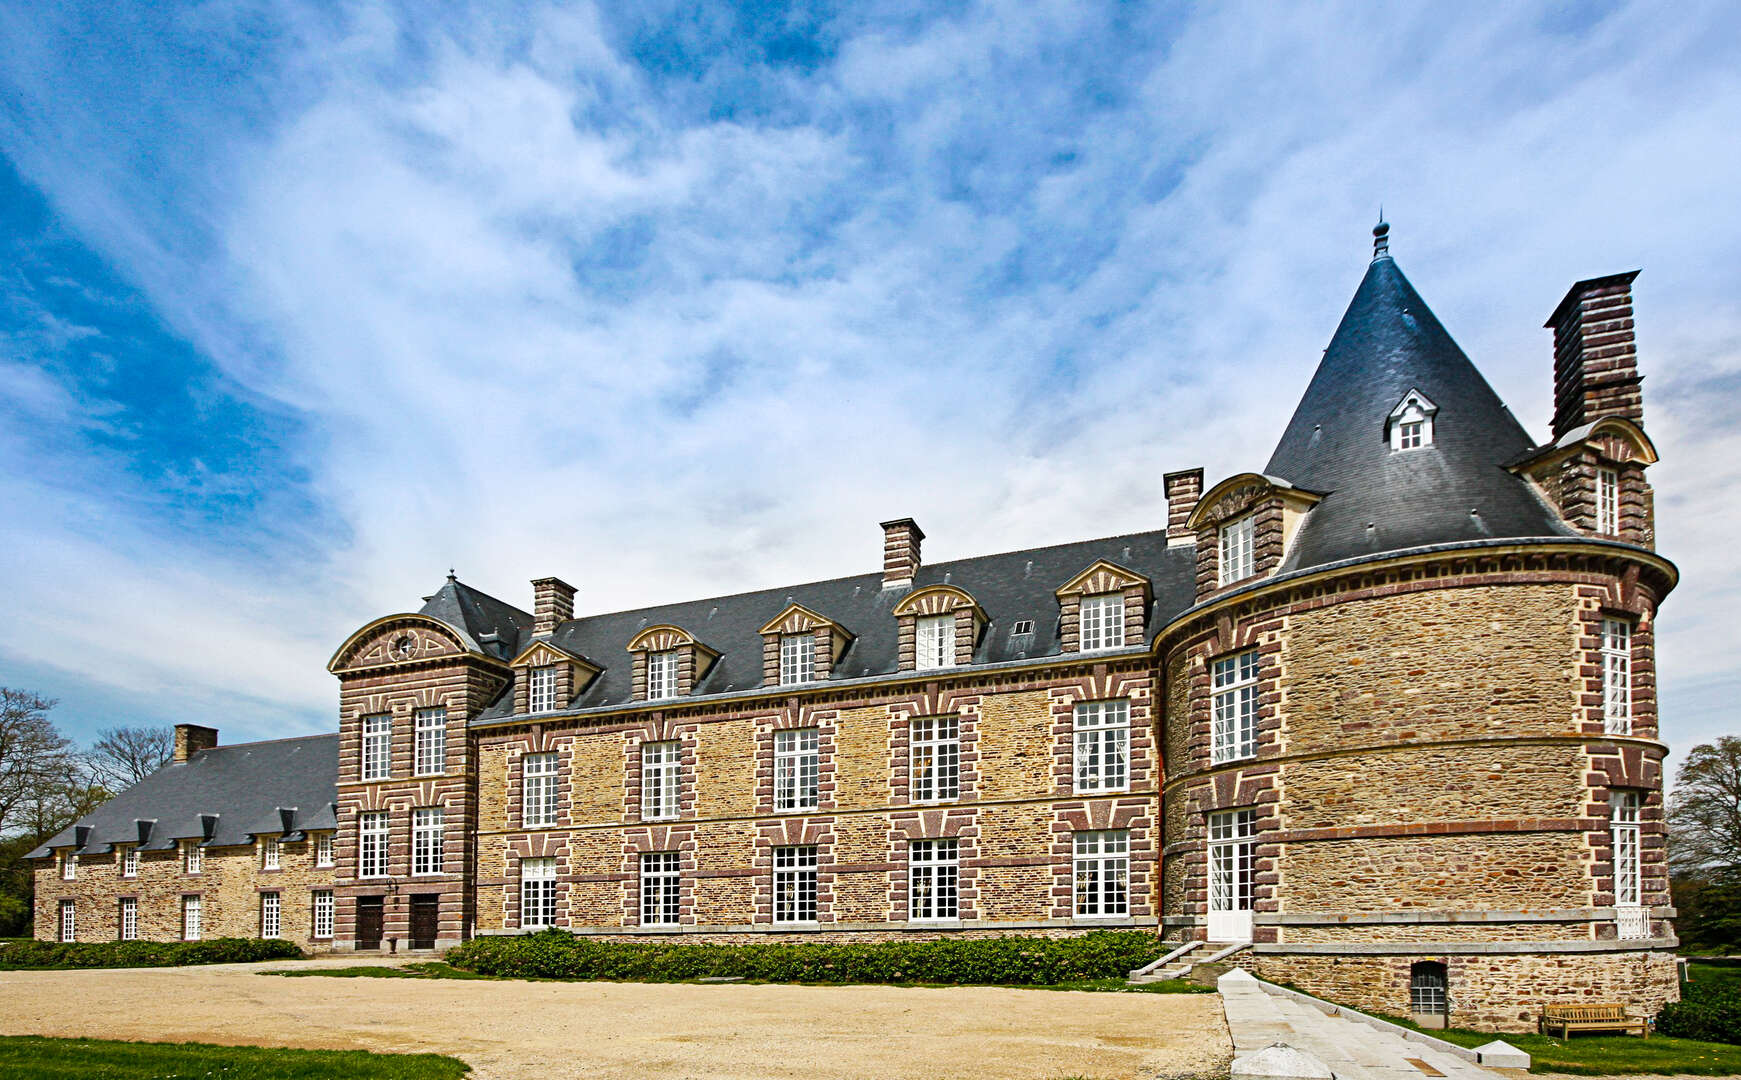 - Chateau de Normandie - Image 1/121